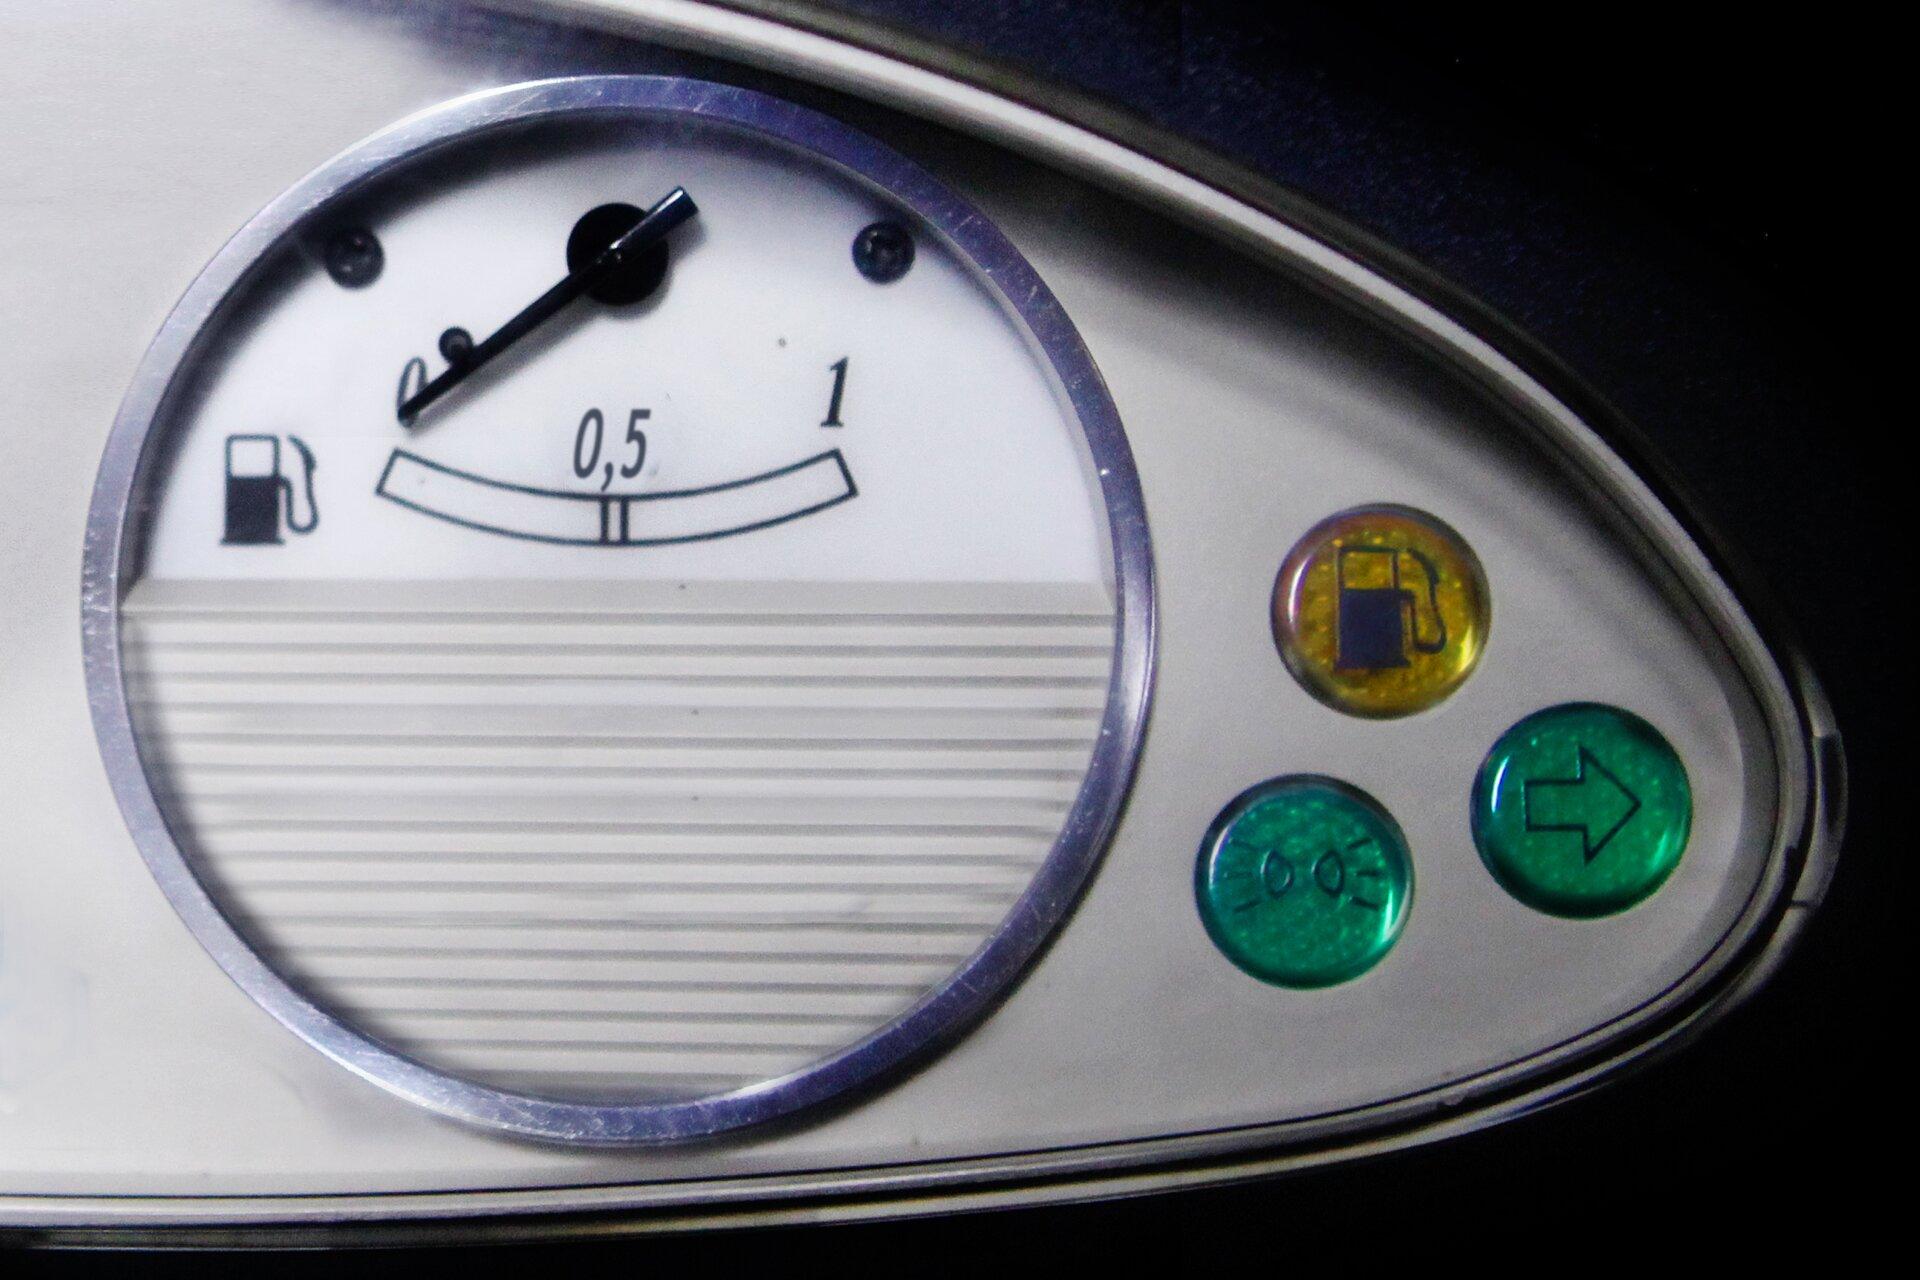 Zdjęcie wskaźnika benzyny wsamochodzie.